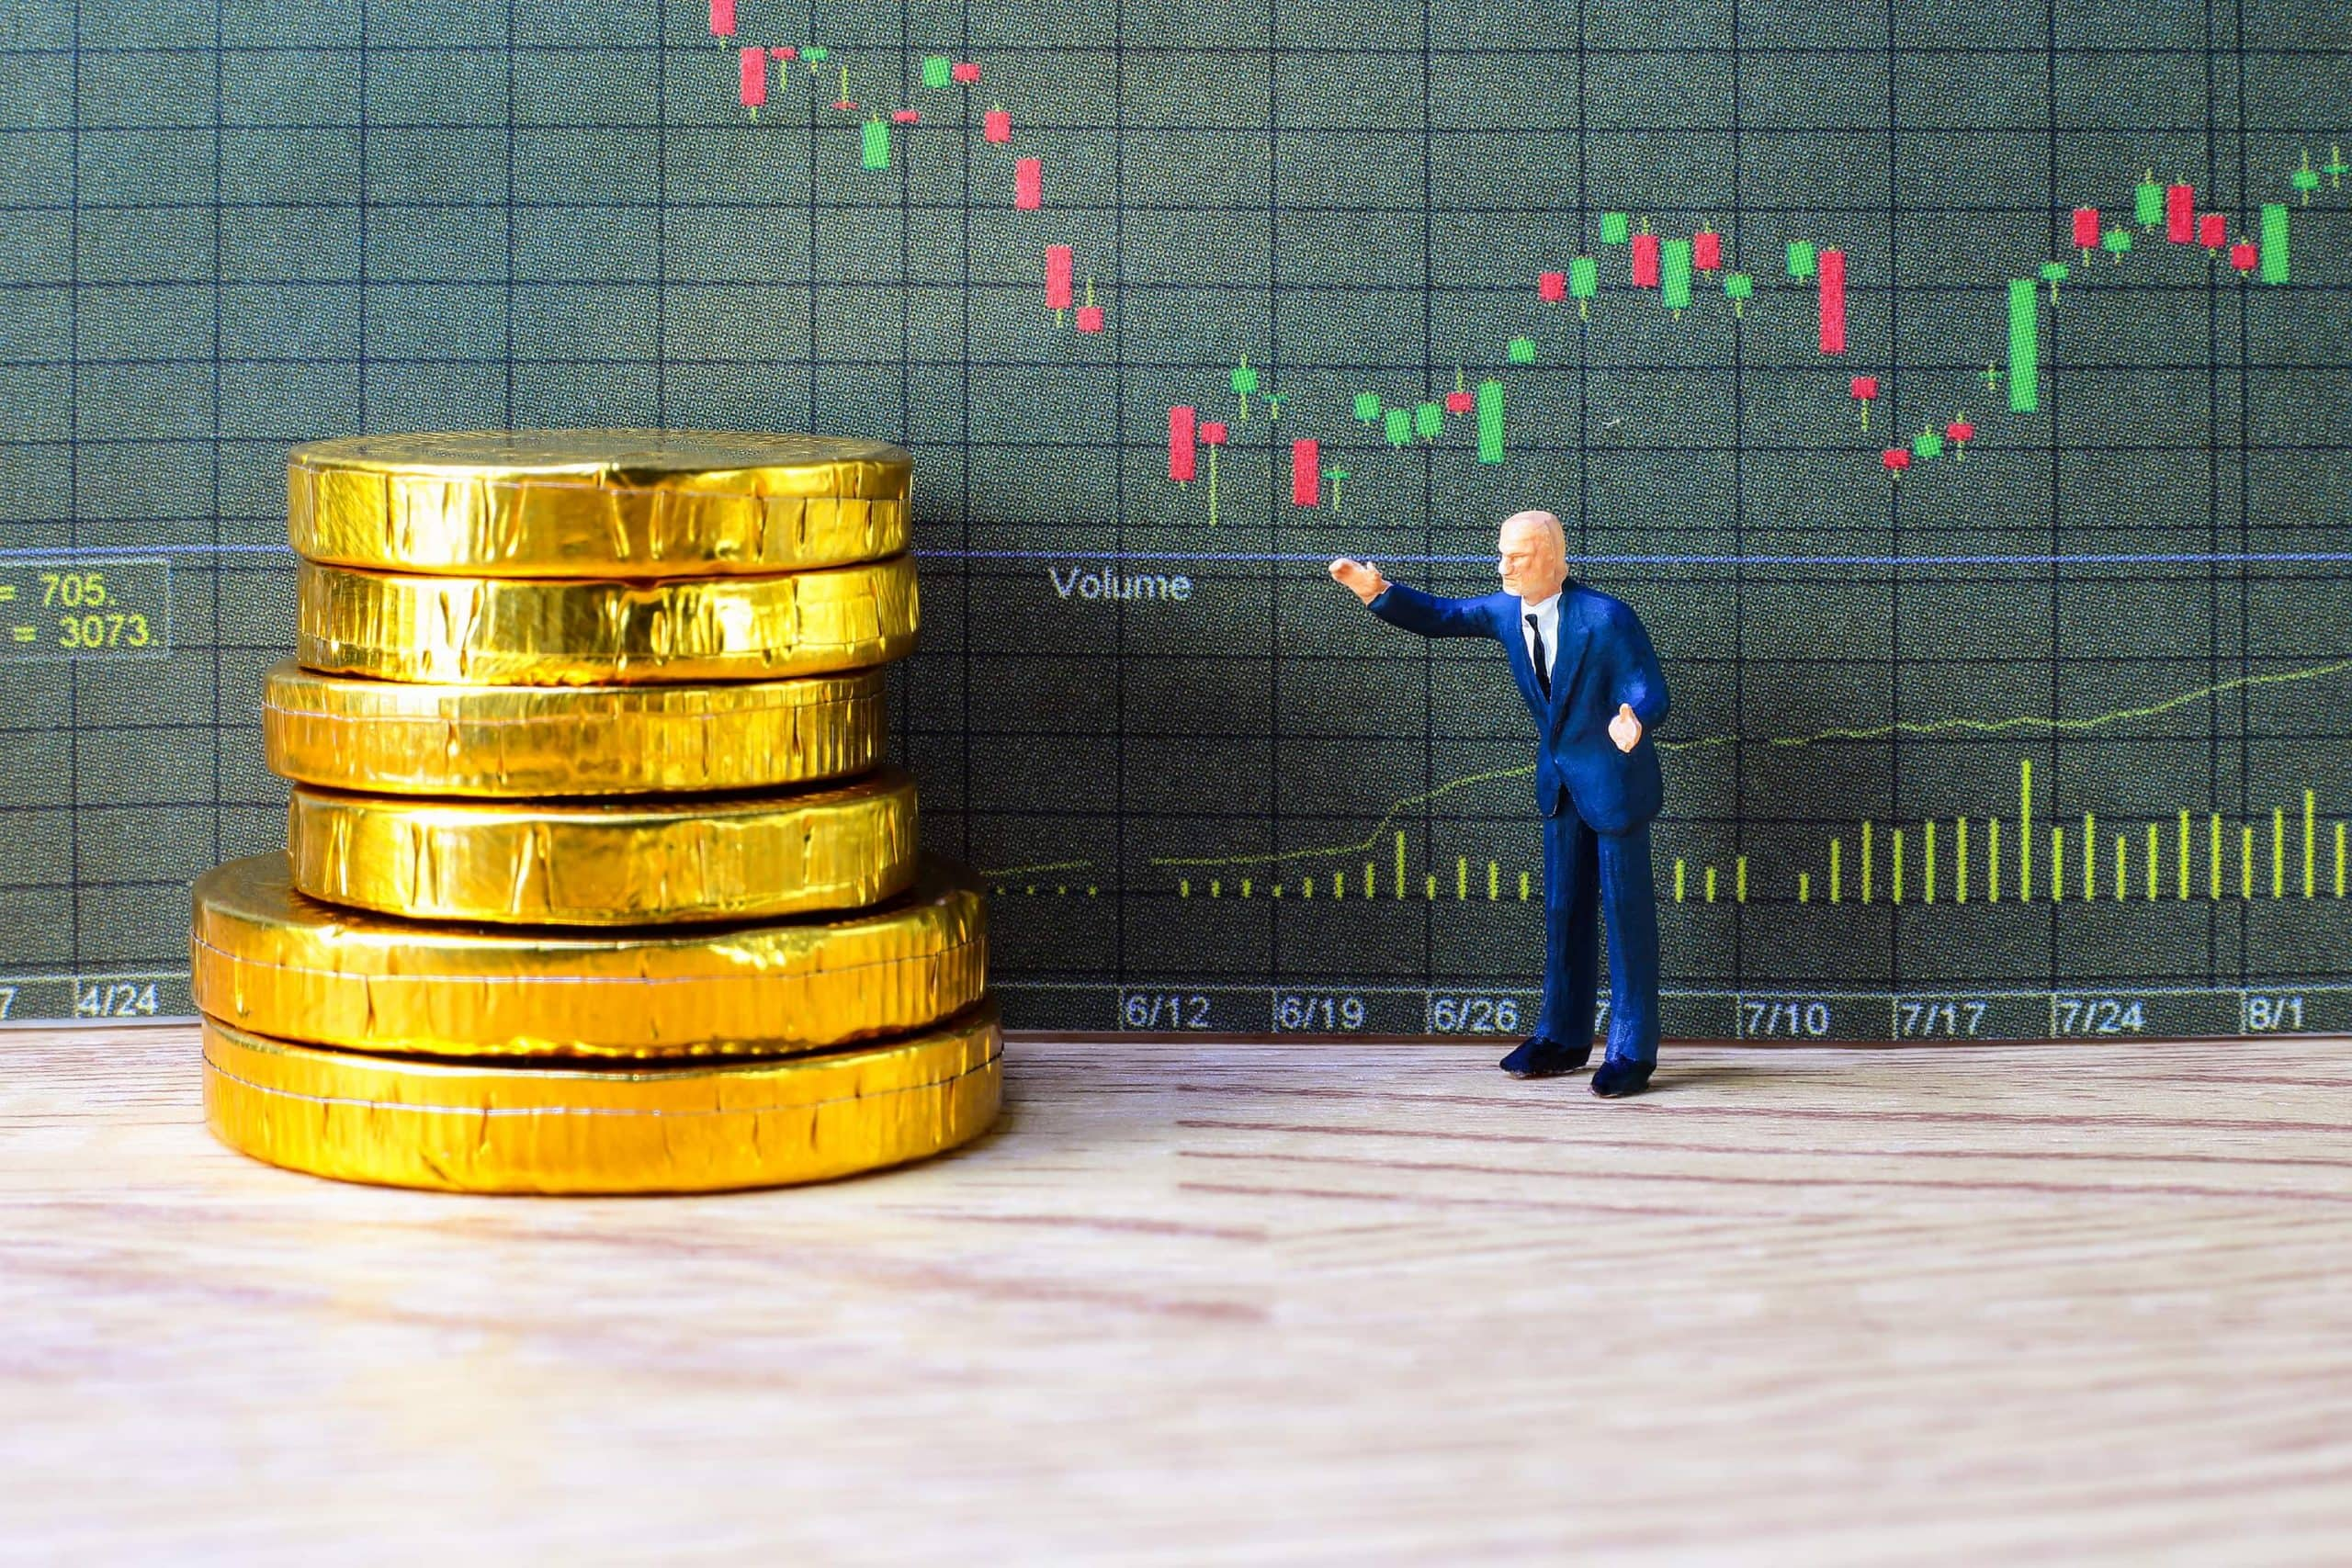 Münzen gestapelt auf einem Tisch